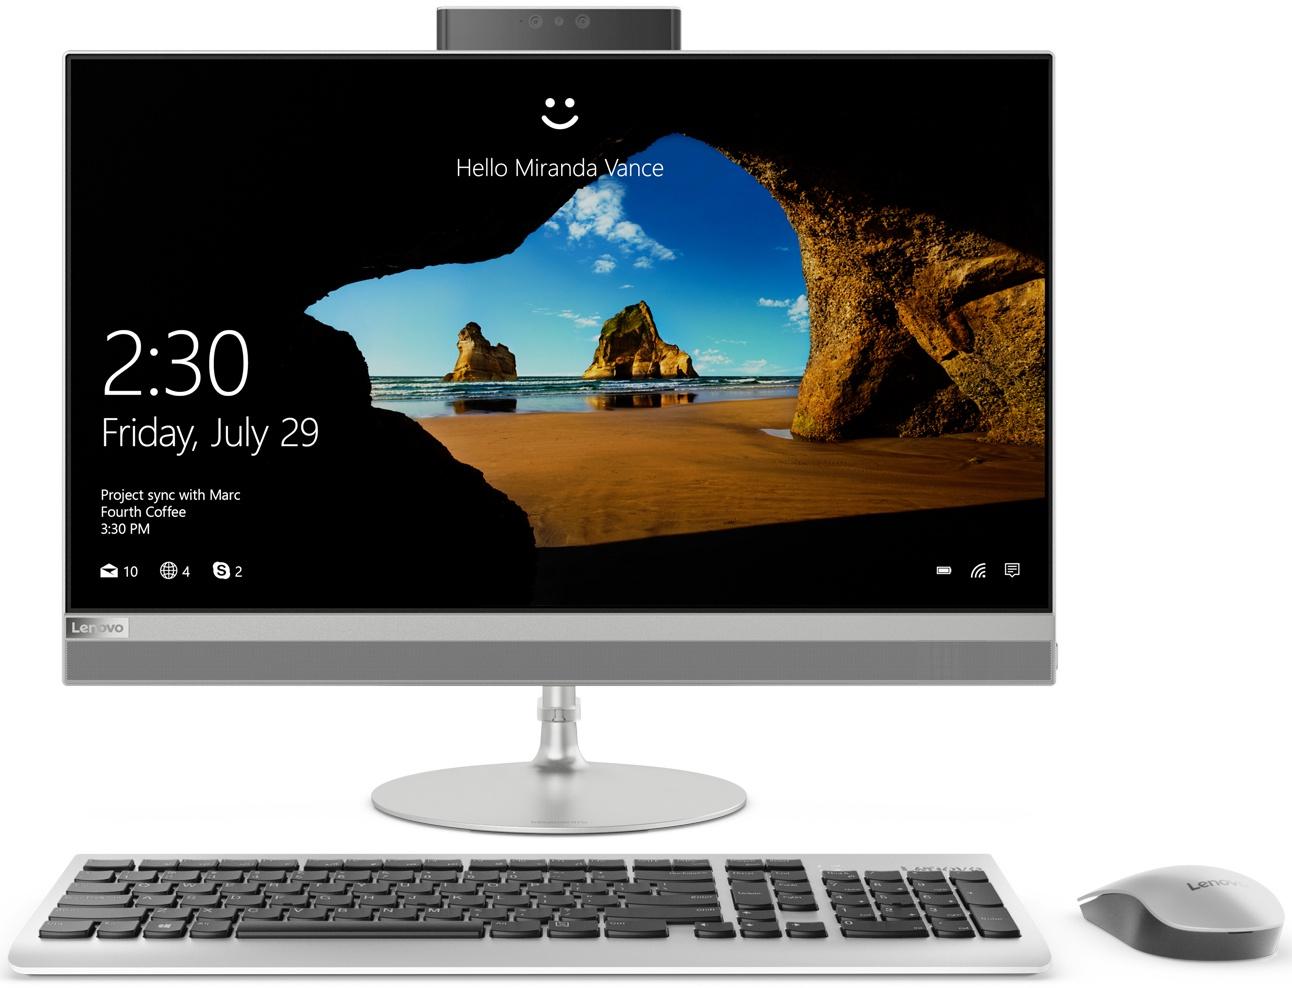 все цены на Моноблок Lenovo IdeaCentre 520-24IKU, 23.8